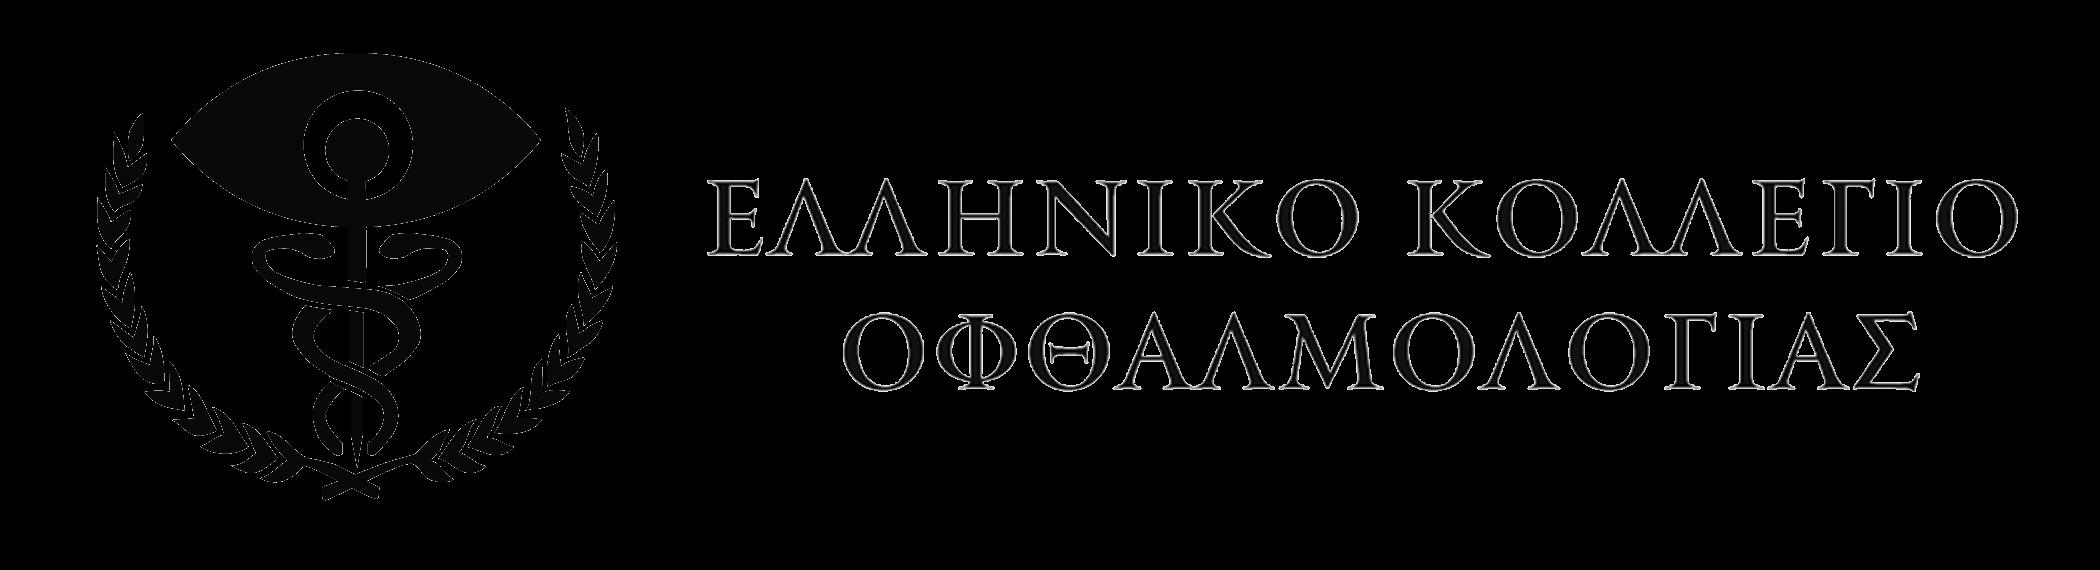 Ελληνικό Κολλέγιο Οφθαλμολογίας